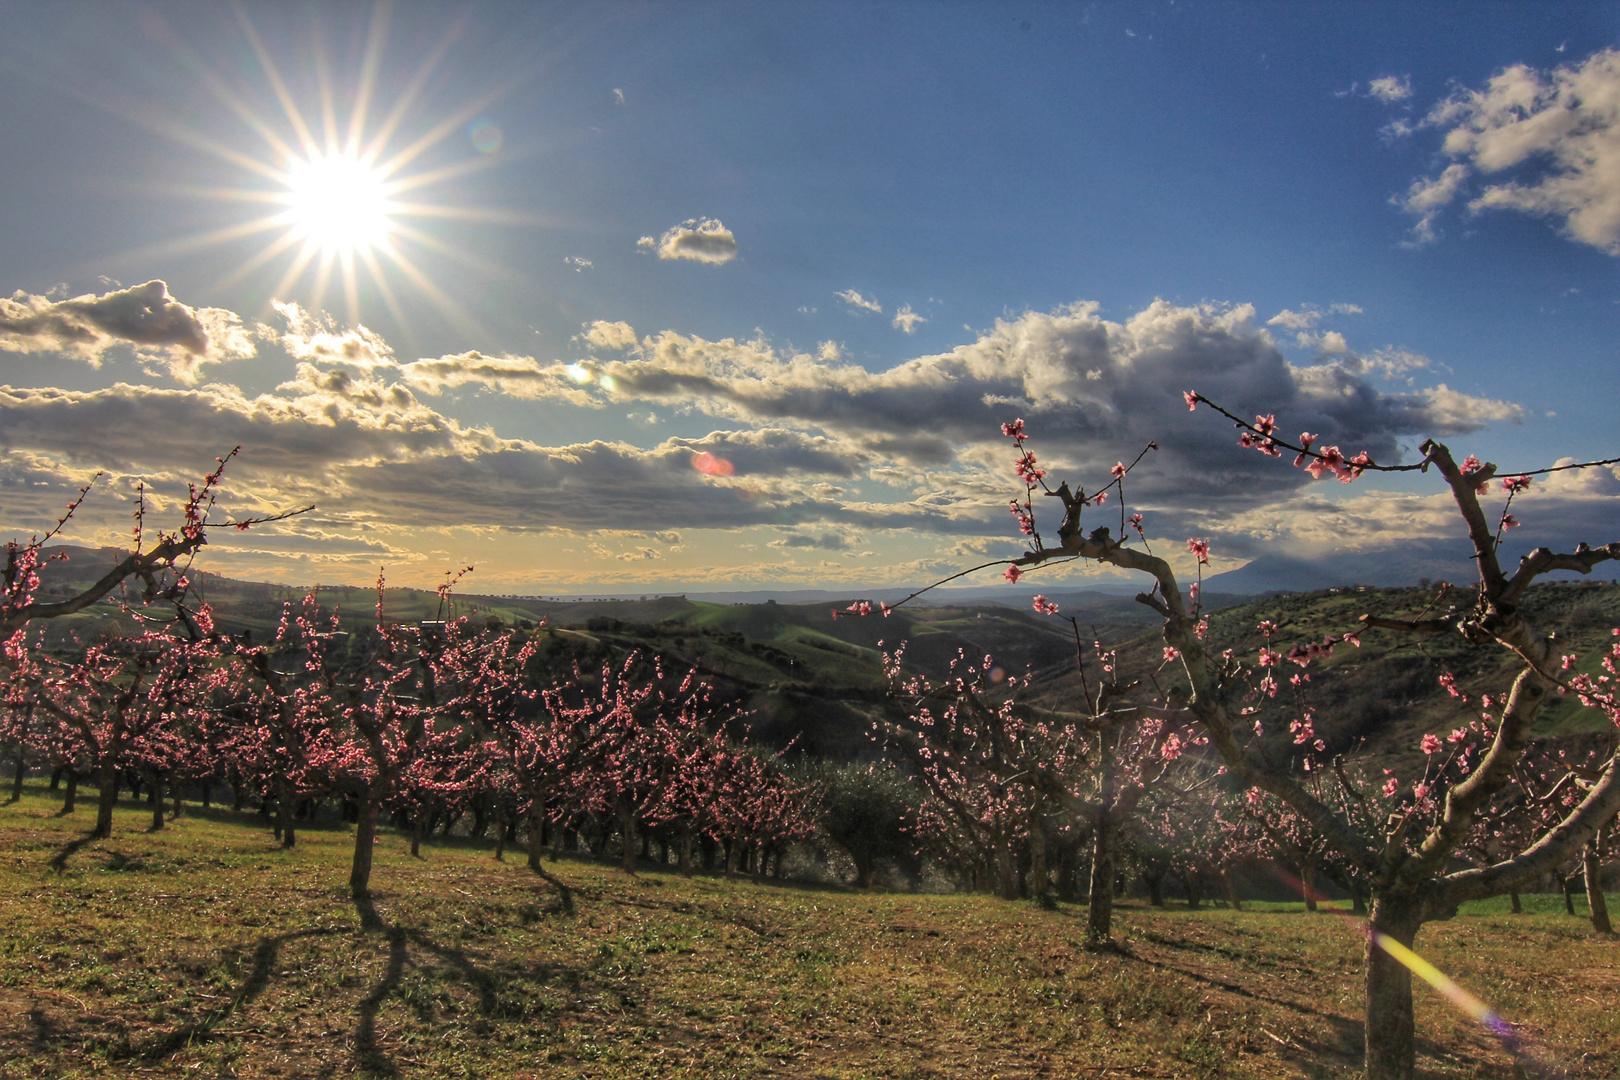 Pfirsichblüte, Früchte der Römer